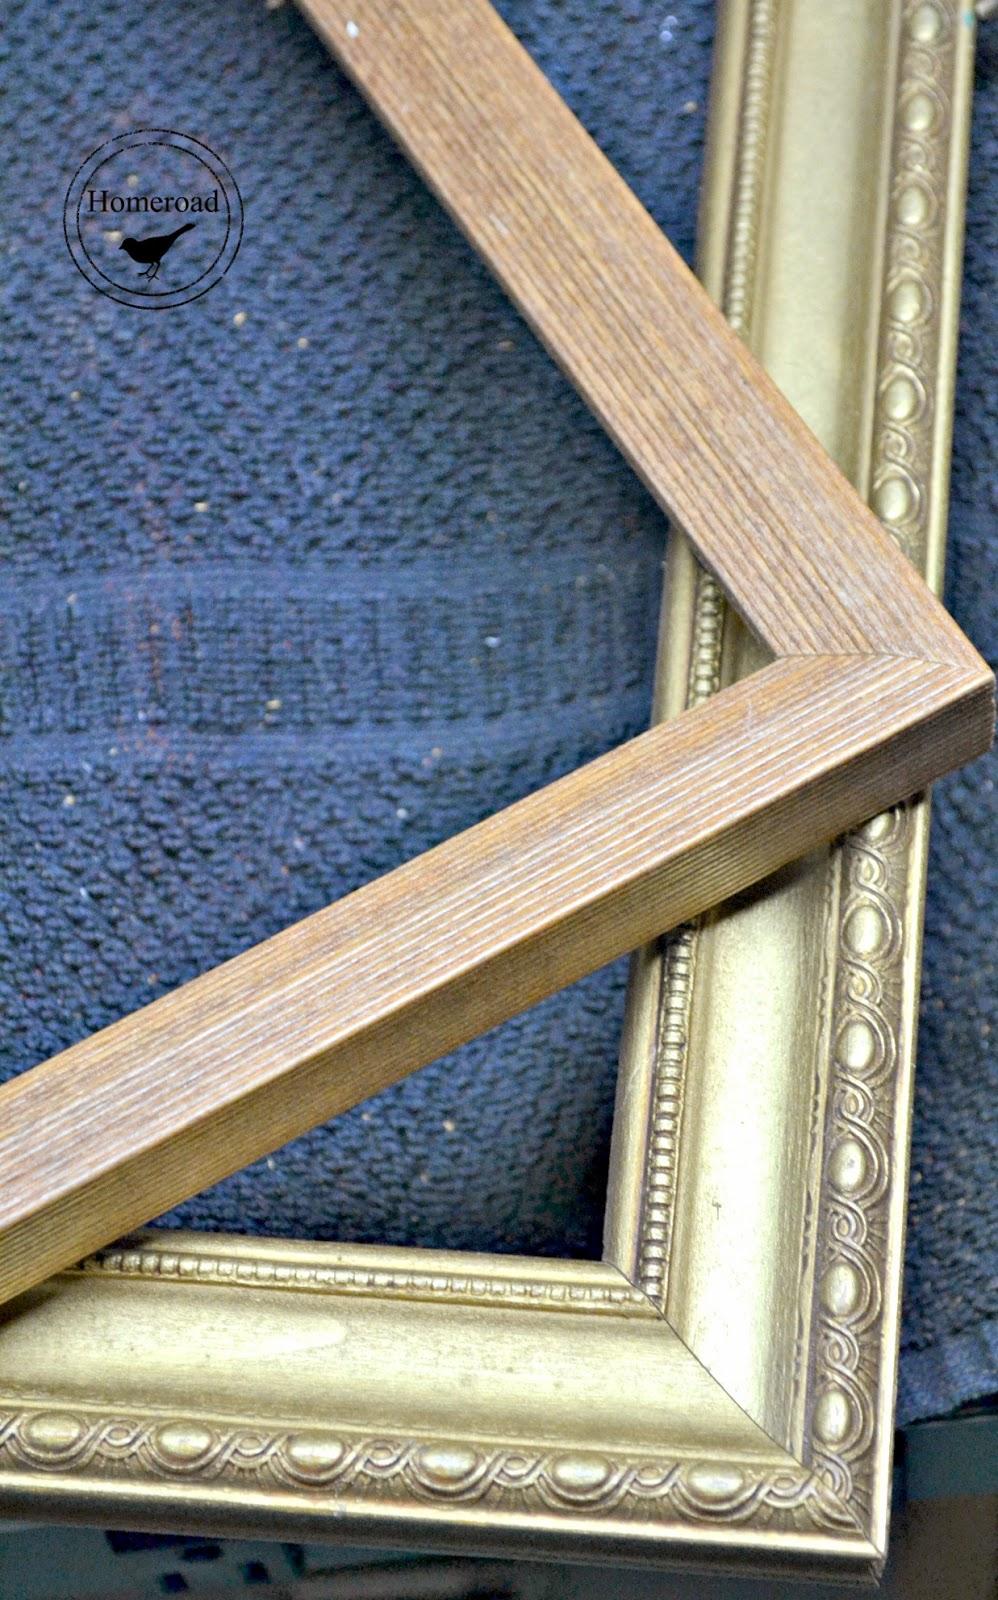 framed chalkboards with a TIP www.homeroad.net